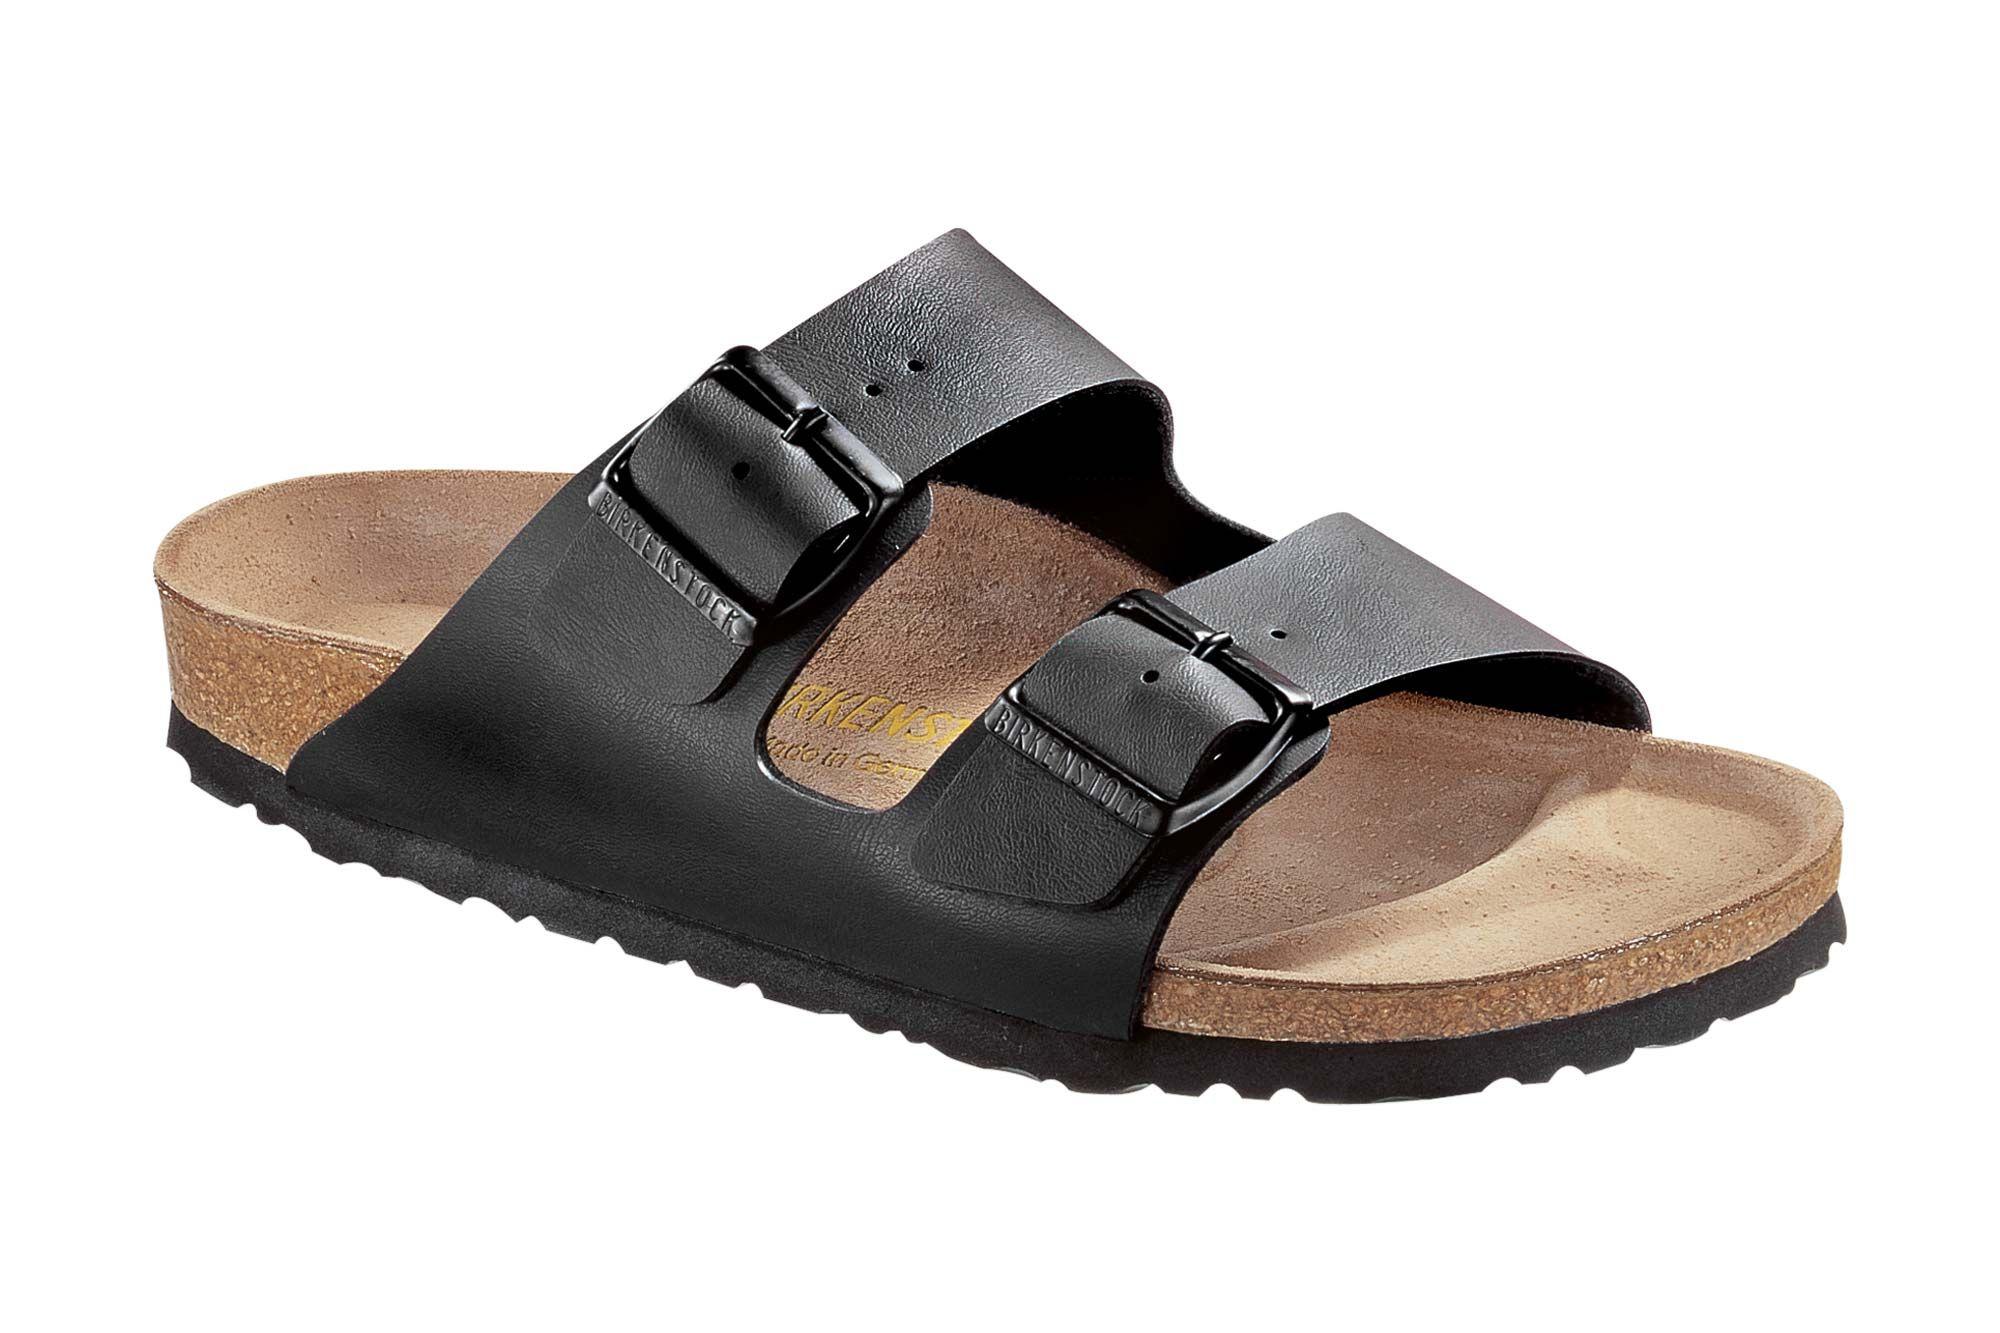 Sandales Arizona, Birkenstock Kaki Et Gris Birko-flor®